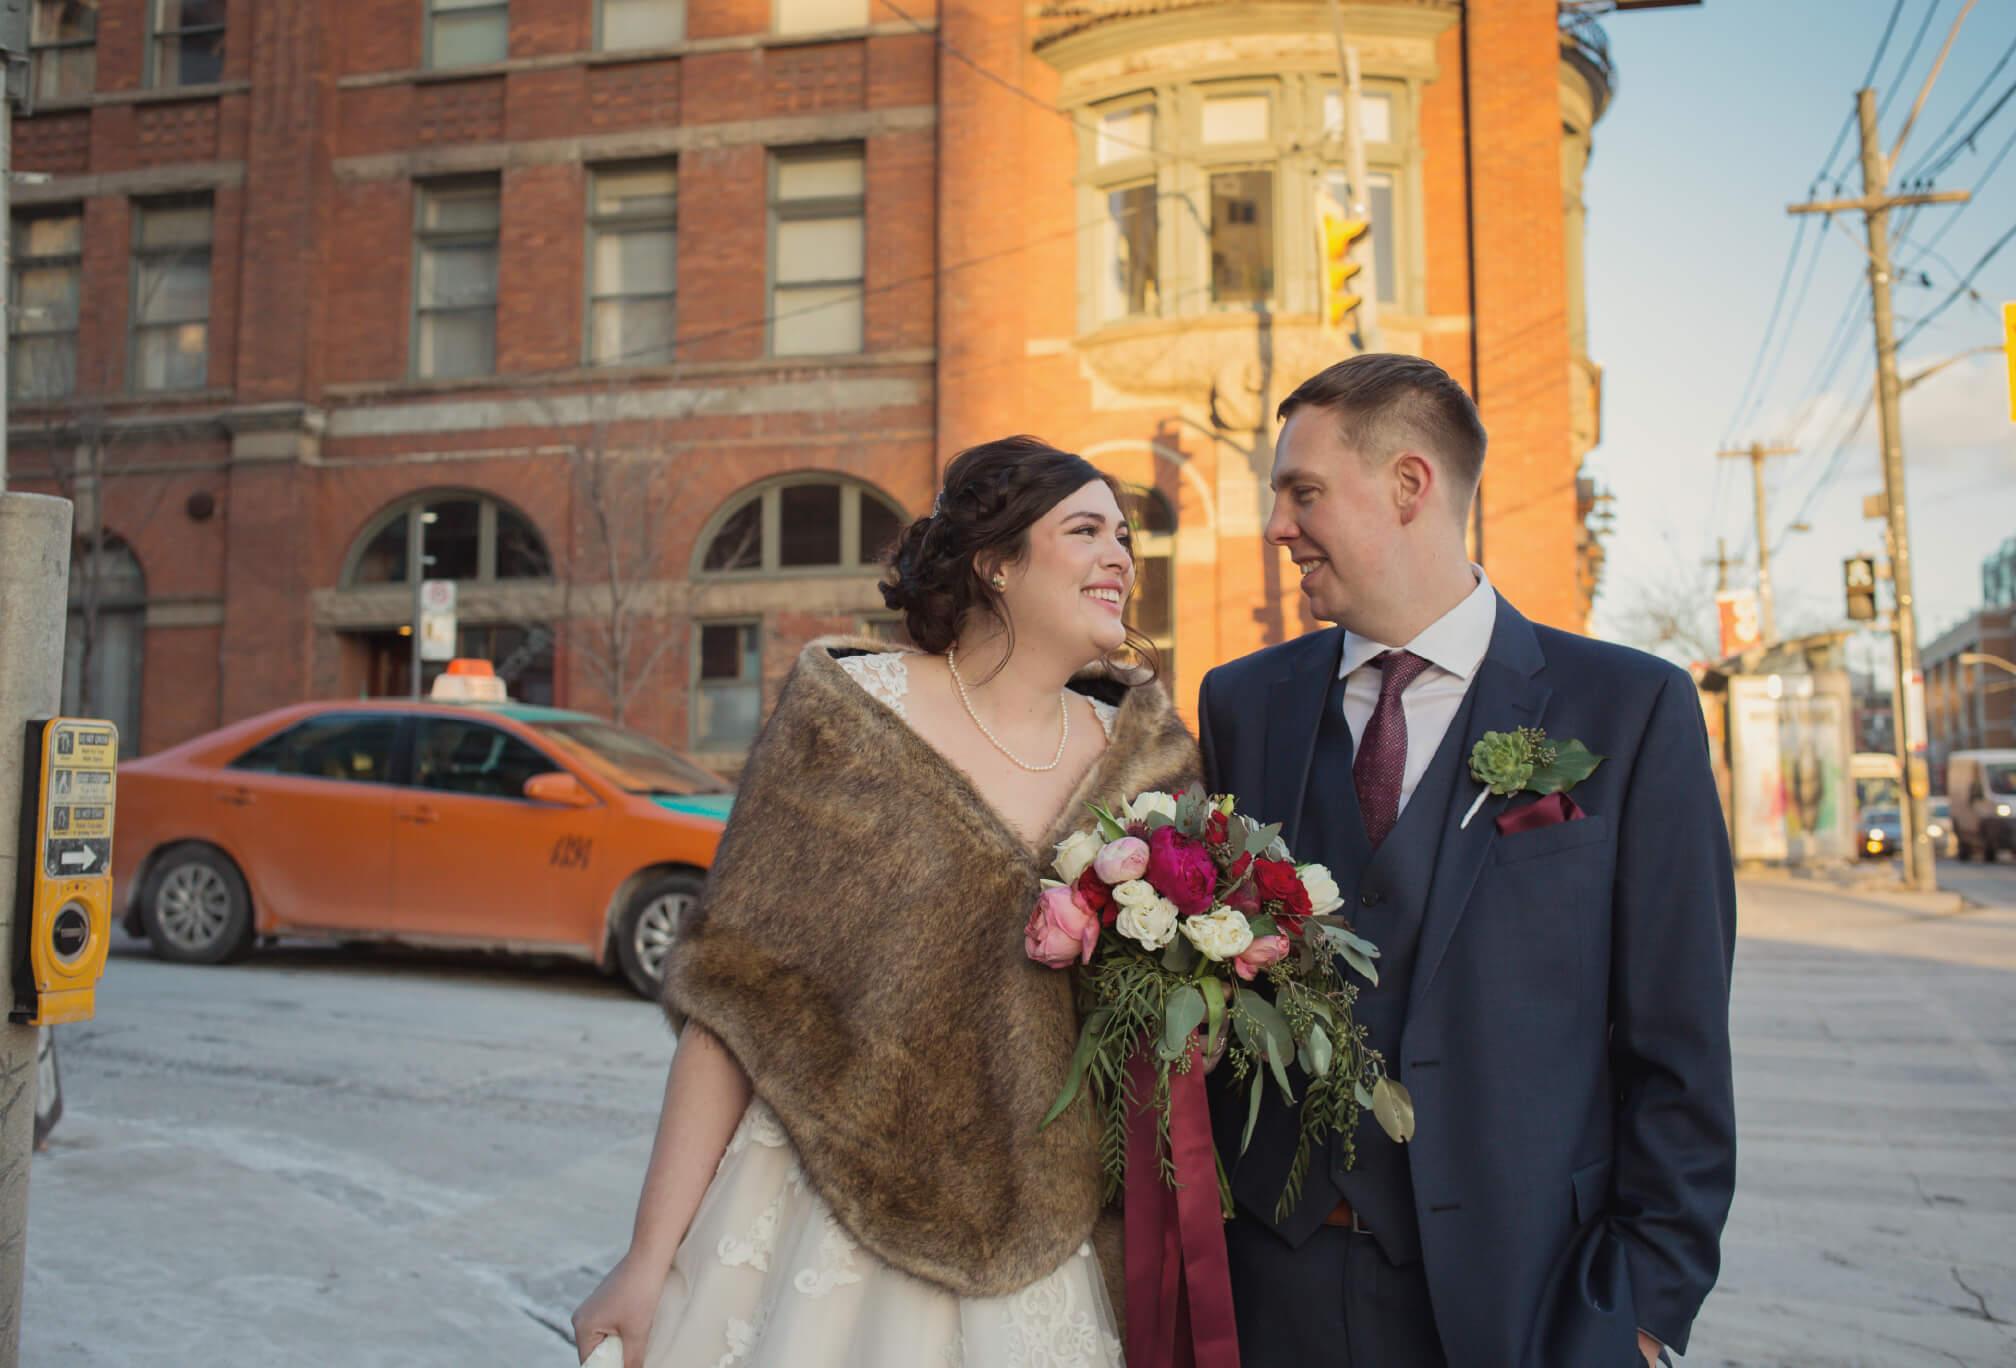 queen west wedding photos winter